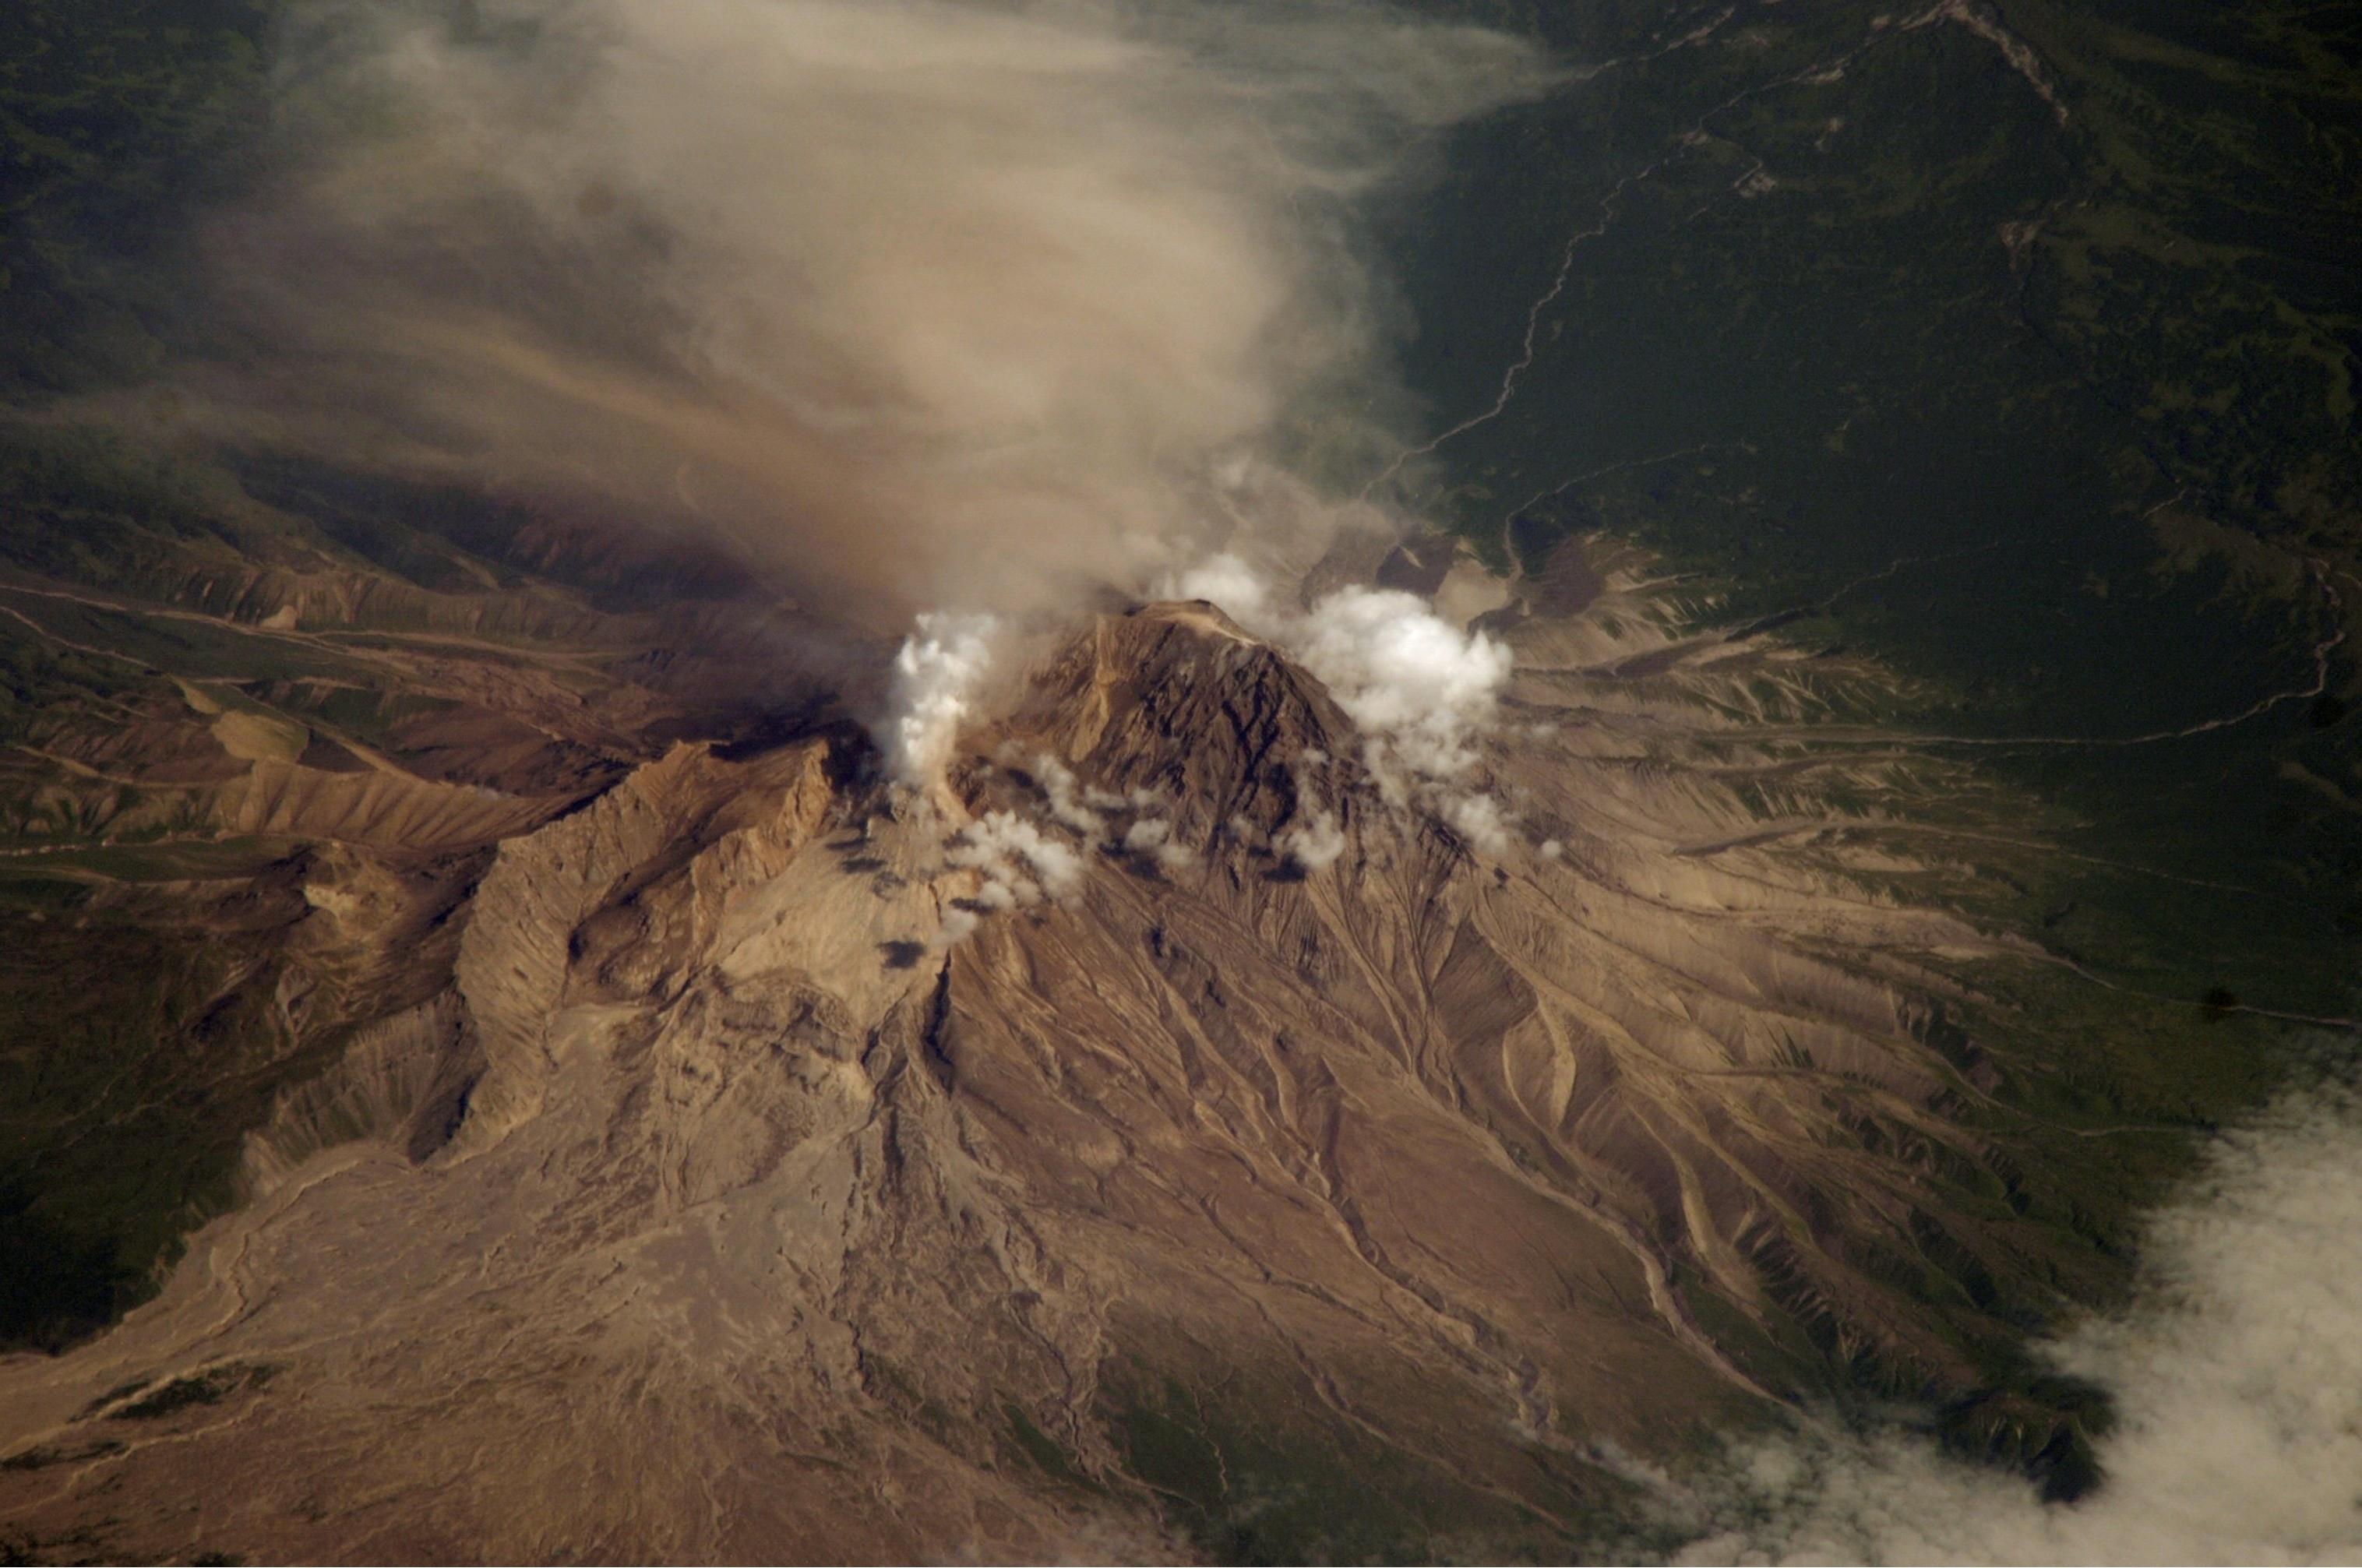 Imagens únicas (e incríveis) de vulcões